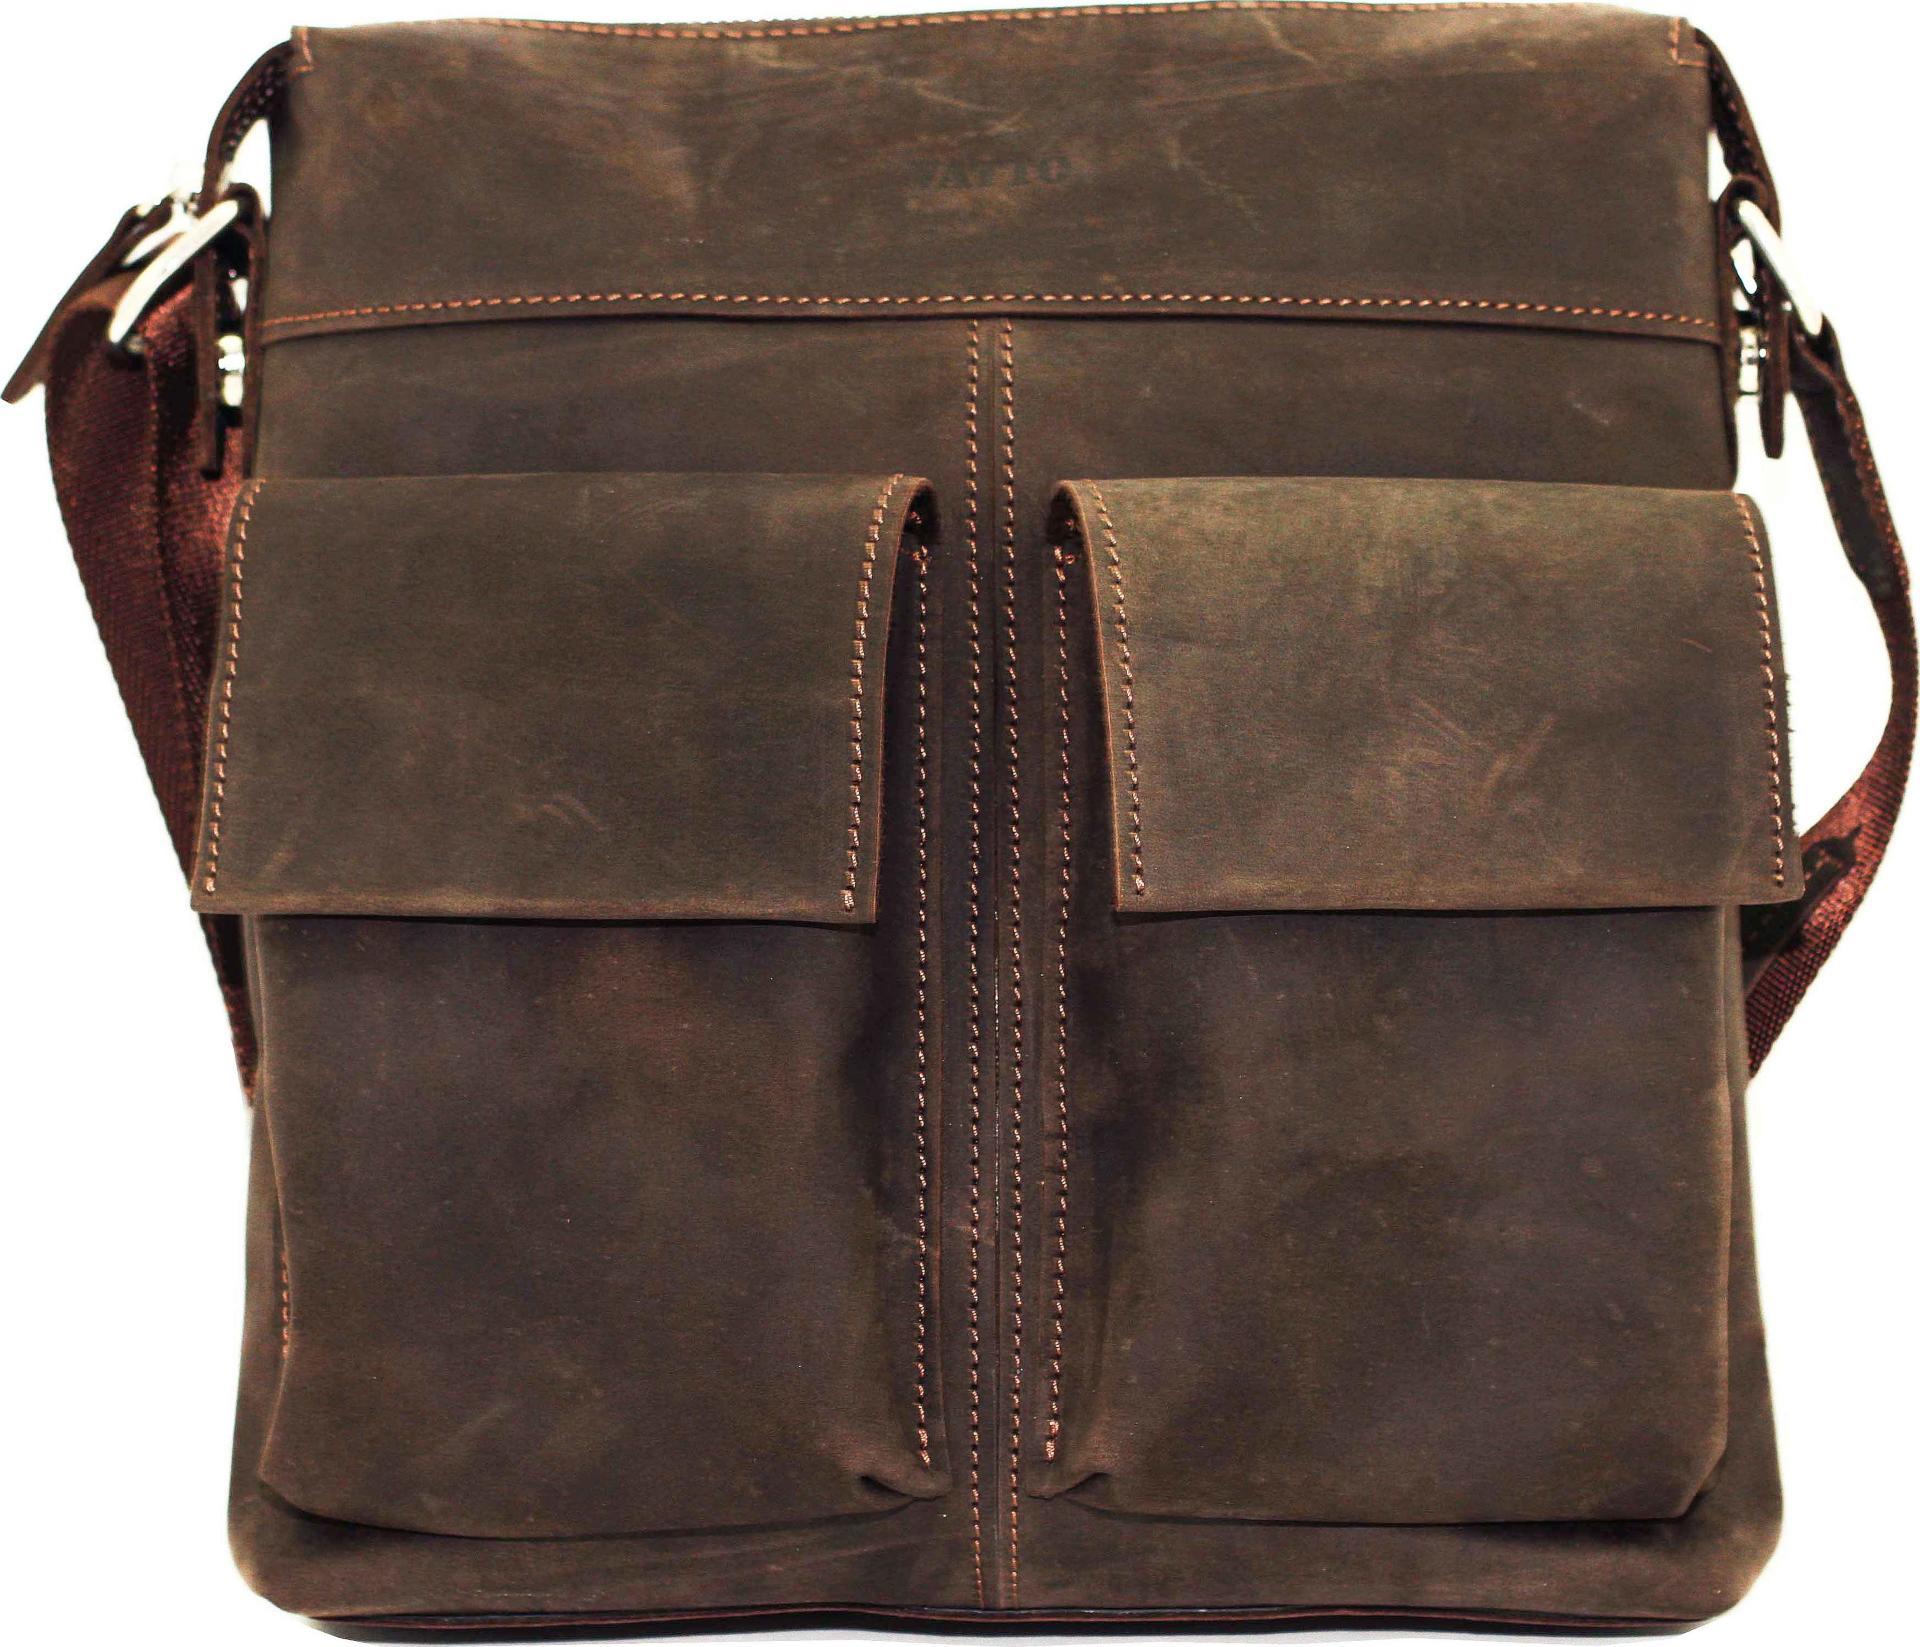 b2d6dbabaa8e Мужская сумка коричневого цвета VATTO (12069) купить в Киеве, цена ...